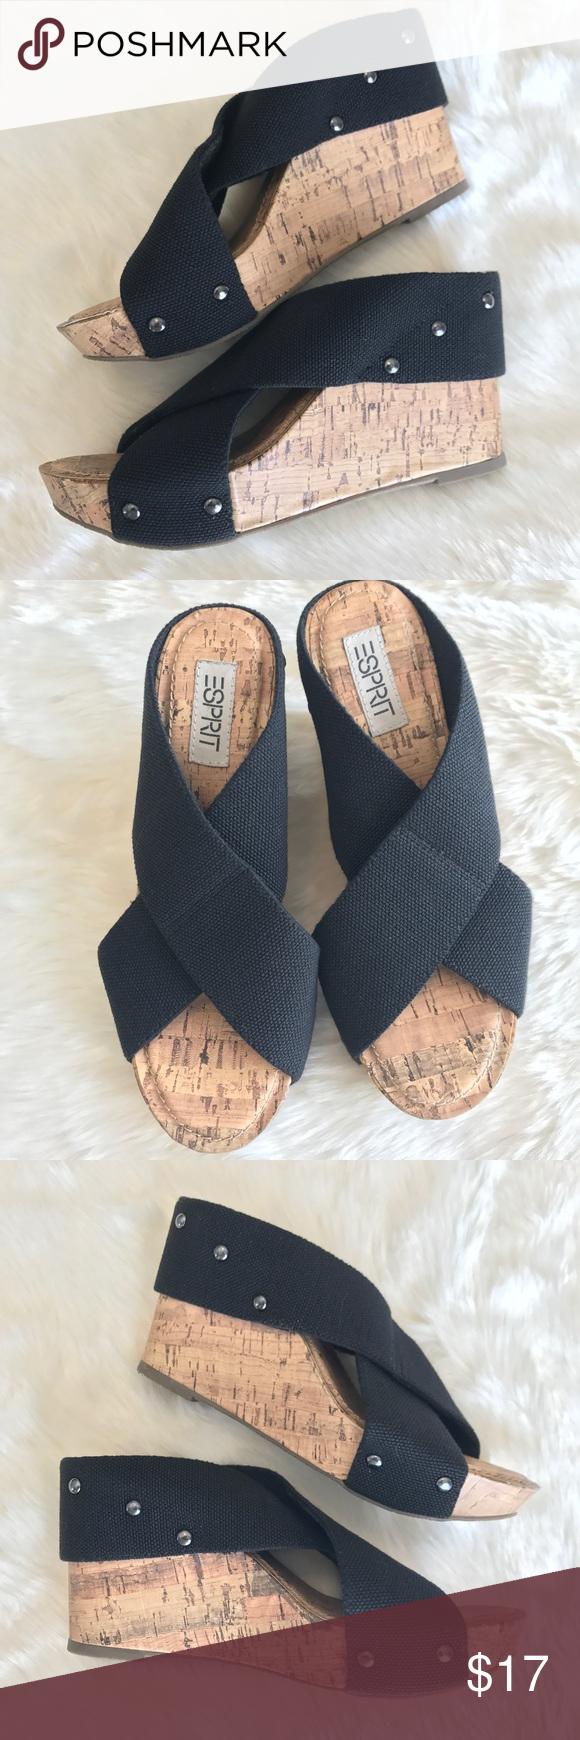 Esprit Oceane Sandals Size 7